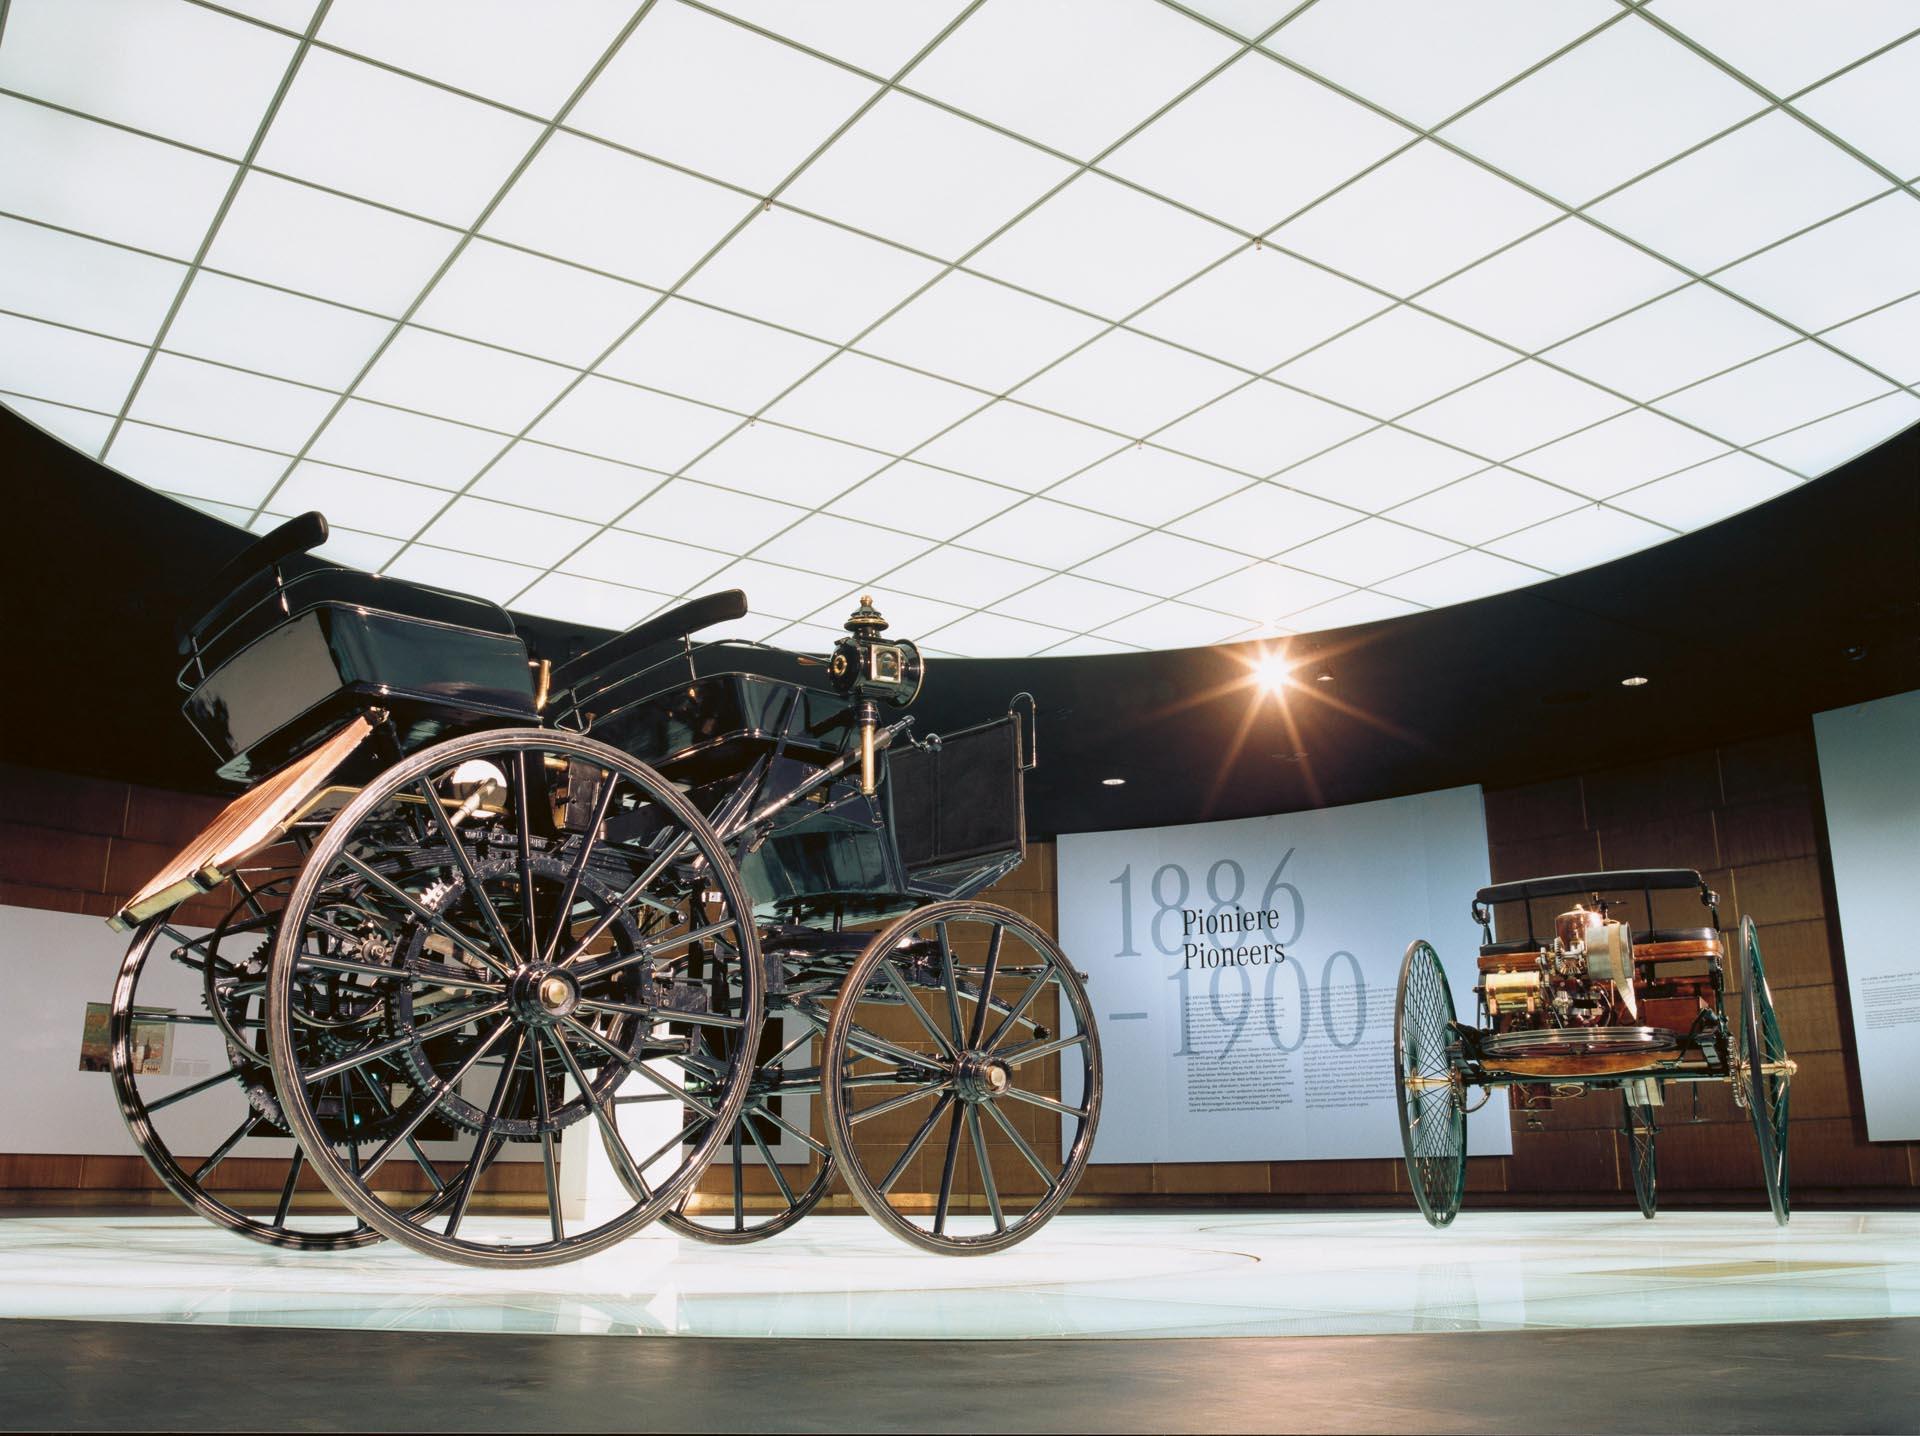 """Mercedes-Benz Museum, Mythosraum 1 """"Pioniere – Die Erfindung des Automobils"""" mit der Motorkutsche von Gottlieb Daimler (Vordergrund) und dem Patent-Motorwagen von Carl Benz als Zentralexponate."""